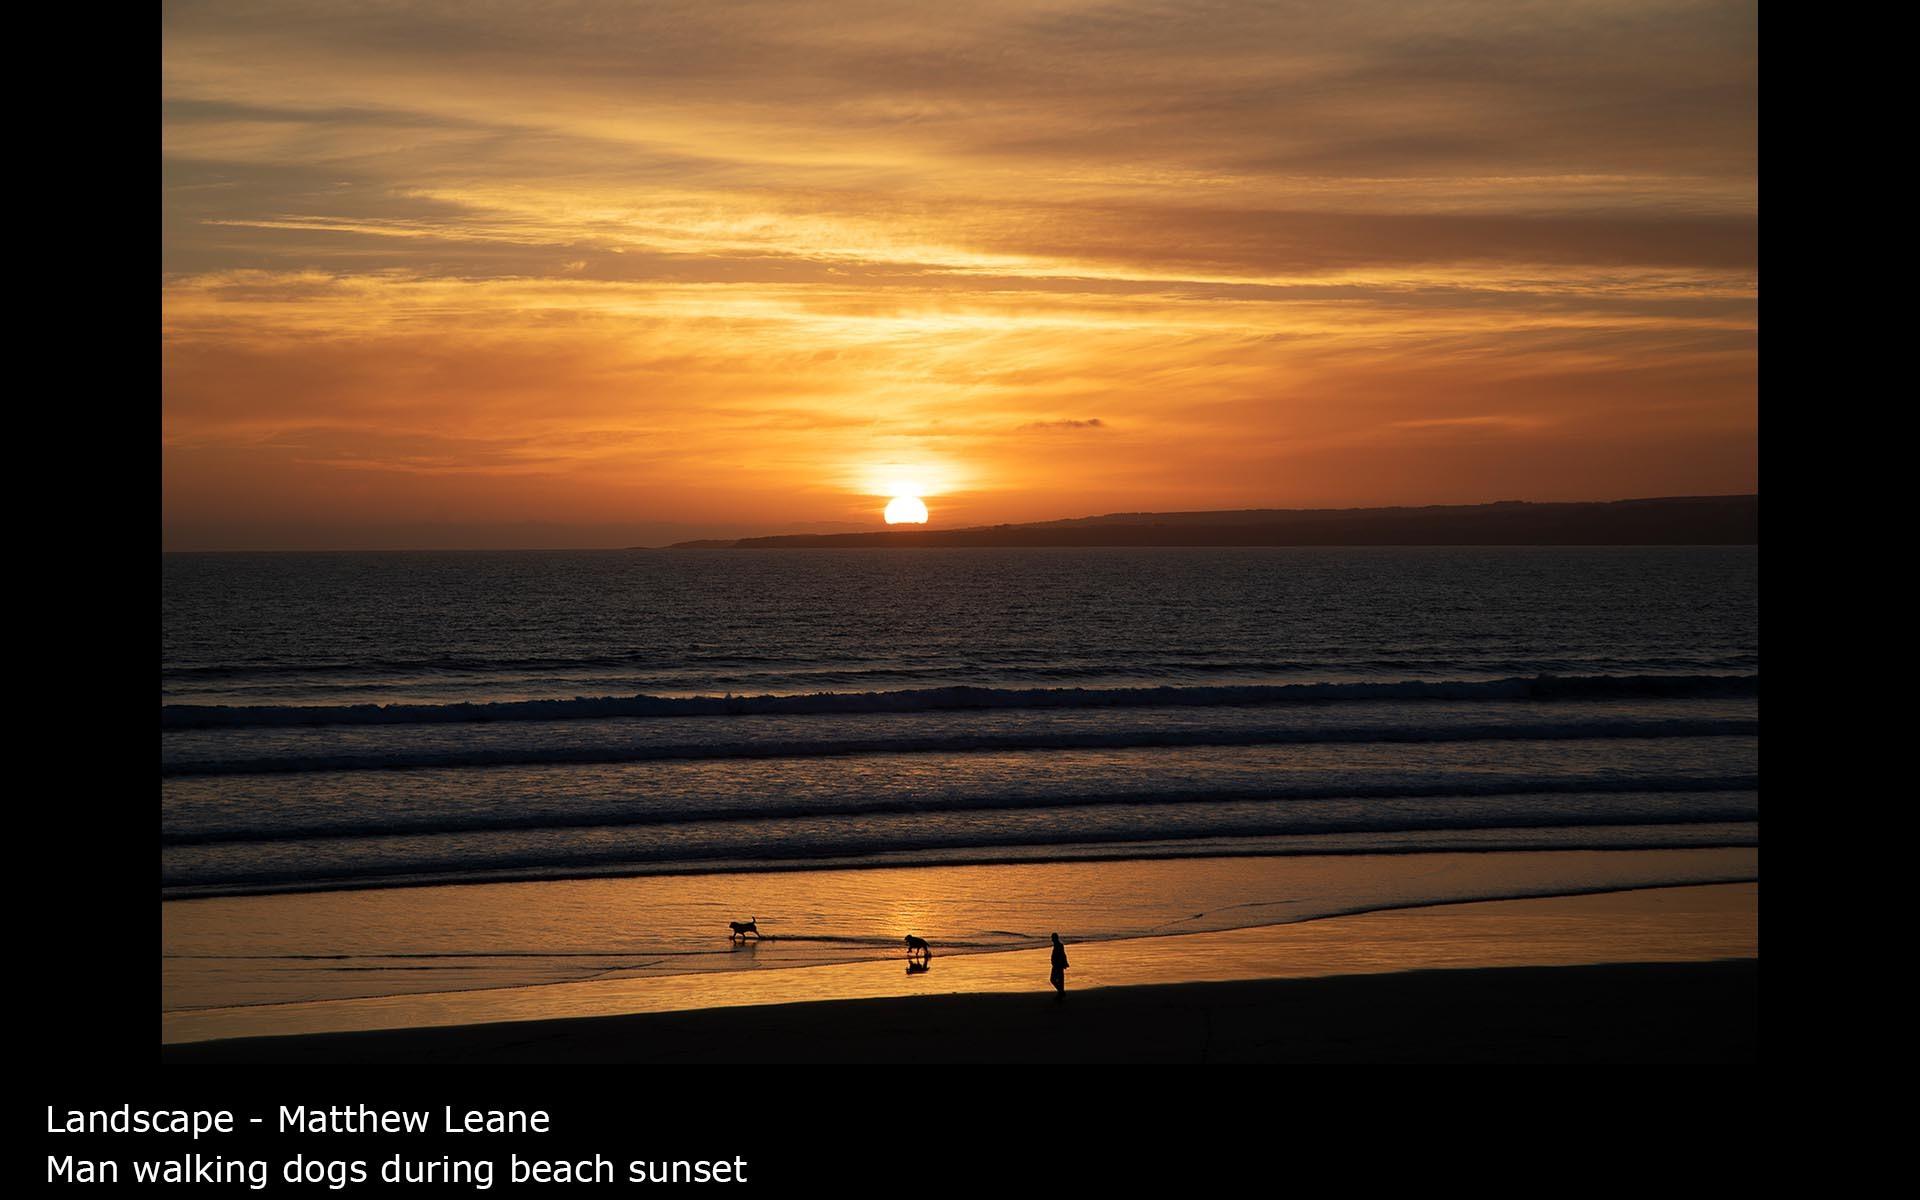 Man walking dogs during beach sunset - Matthew Leane